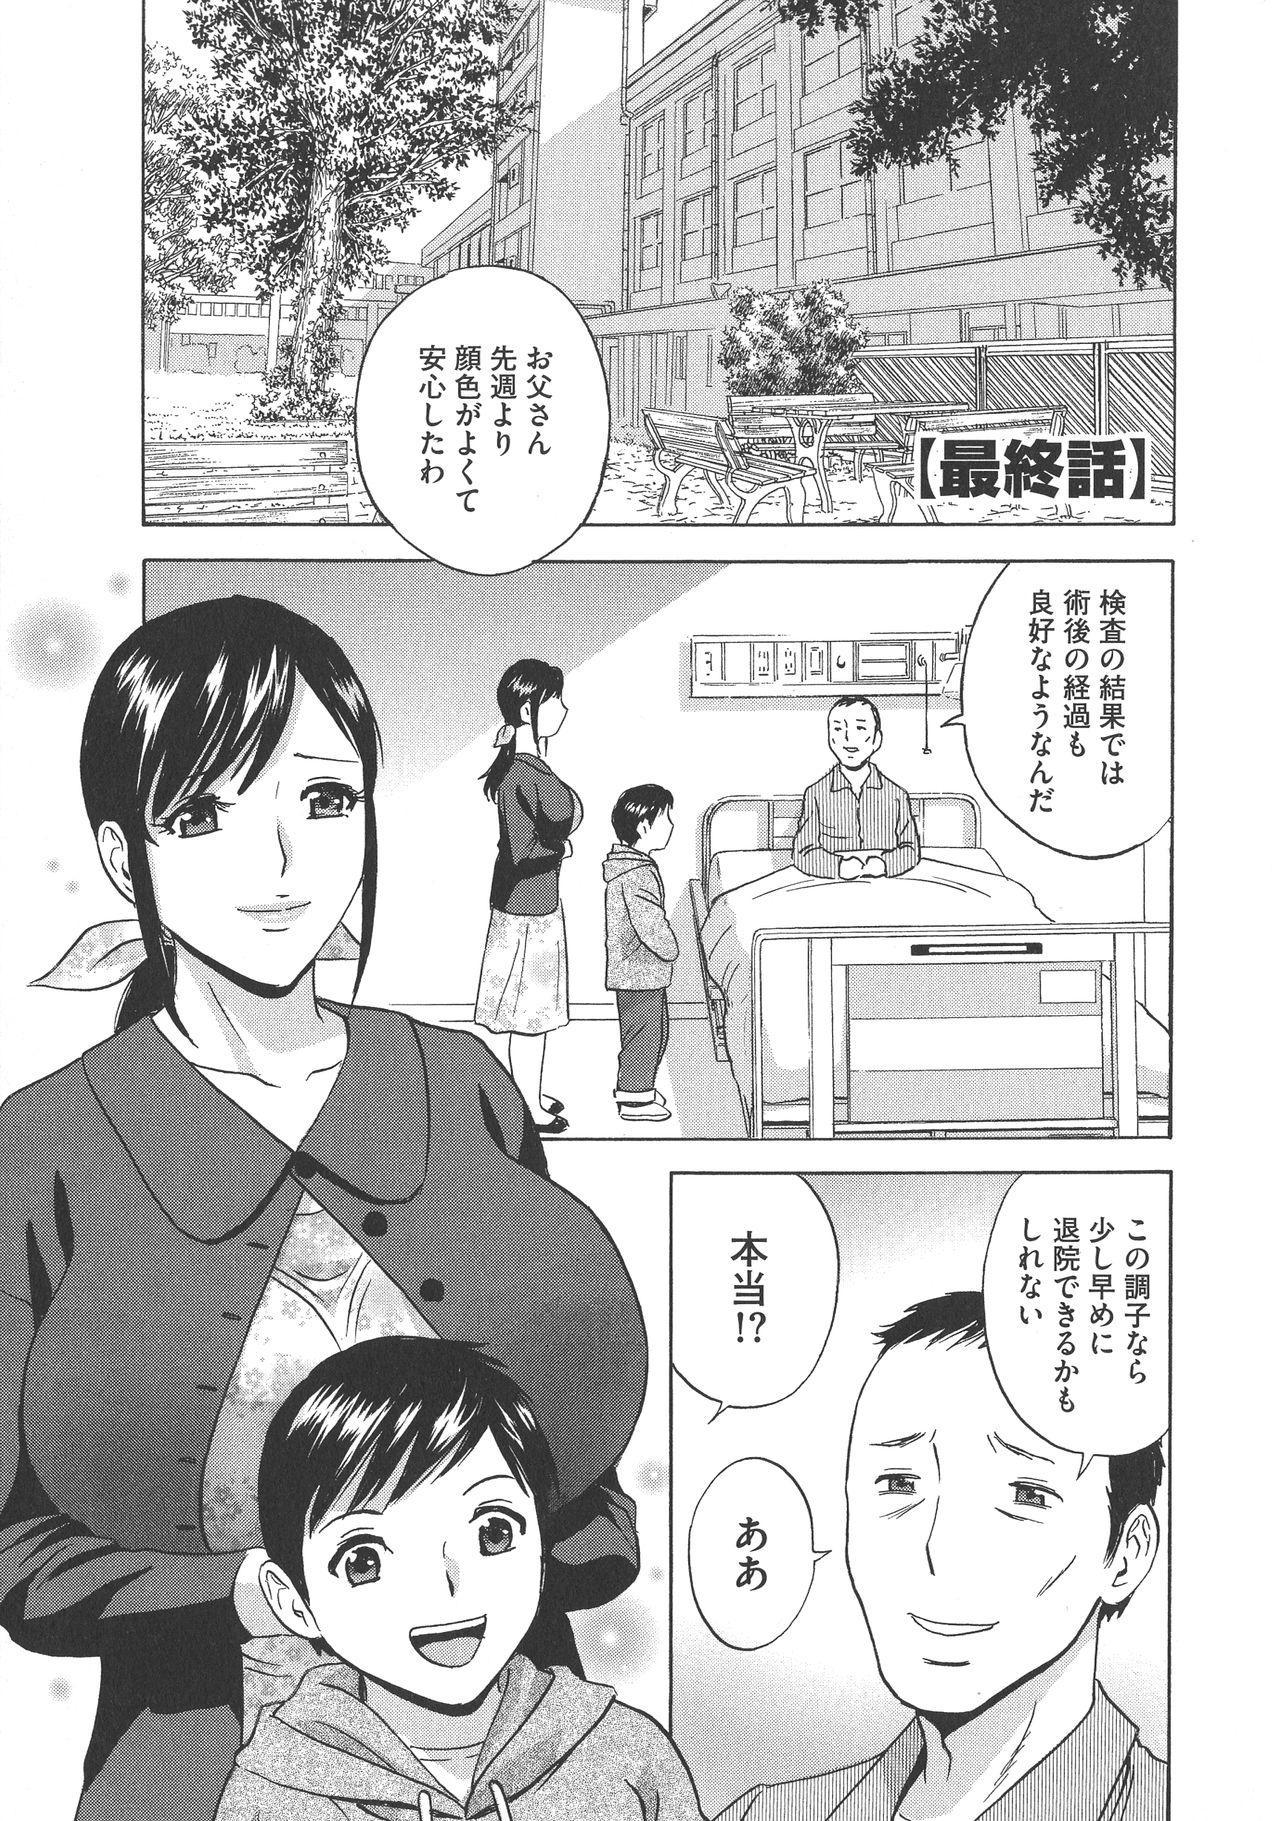 Chijoku ni Modaeru Haha no Chichi… 168